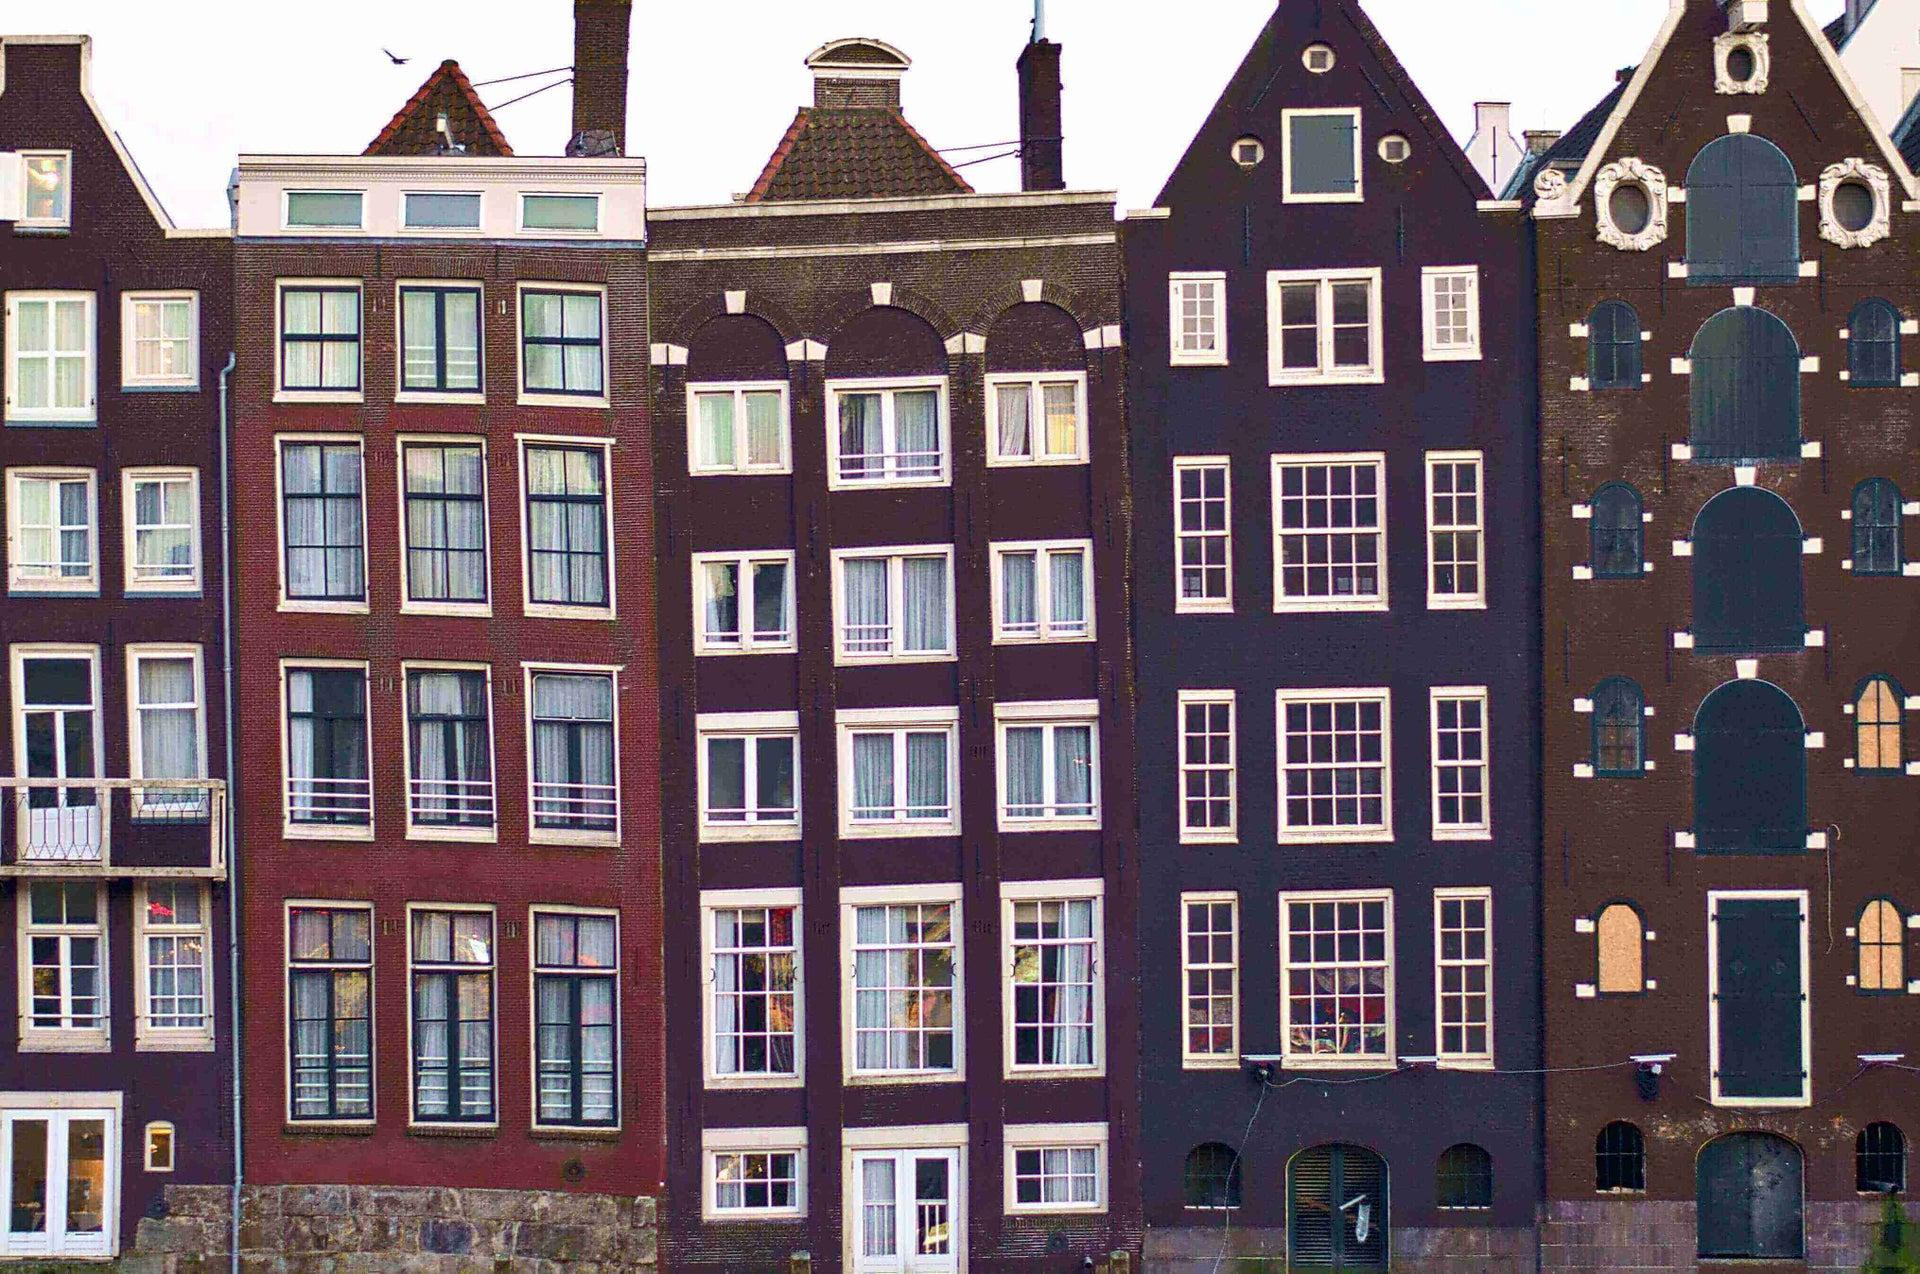 https://assets-us-01.kc-usercontent.com:443/8b647cc8-e8a8-00cc-ac9b-ea38ce6ca77e/9654392a-9d92-4e0e-924f-decea8510c0e/Amsterdamse%20huizen.jpg?w=1920&h=1080&fit=clip&auto=format&fm=jpg